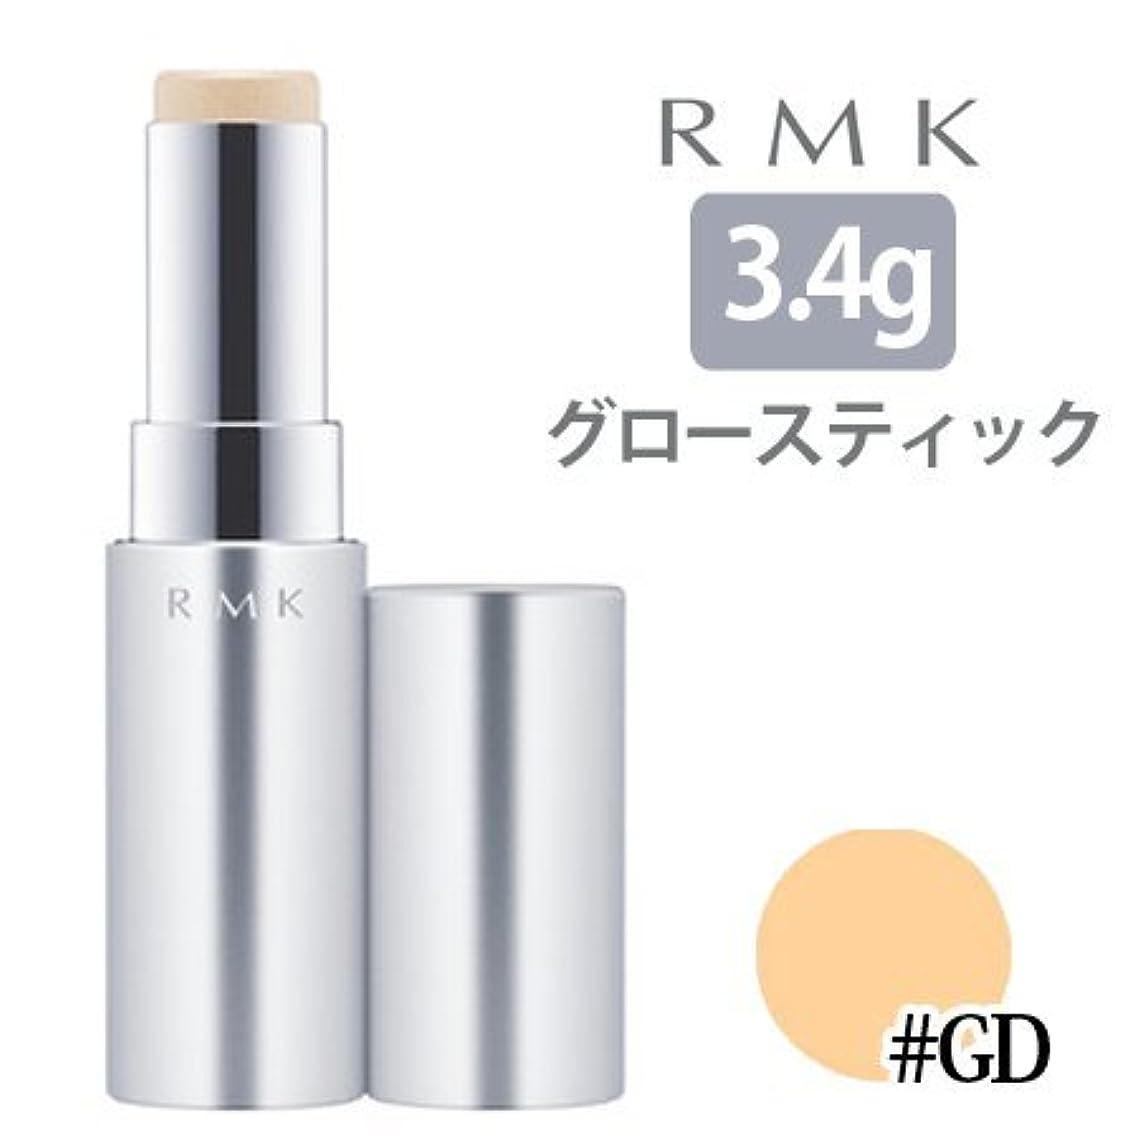 コールド批評肌寒いRMK グロースティック GD【国内正規品】